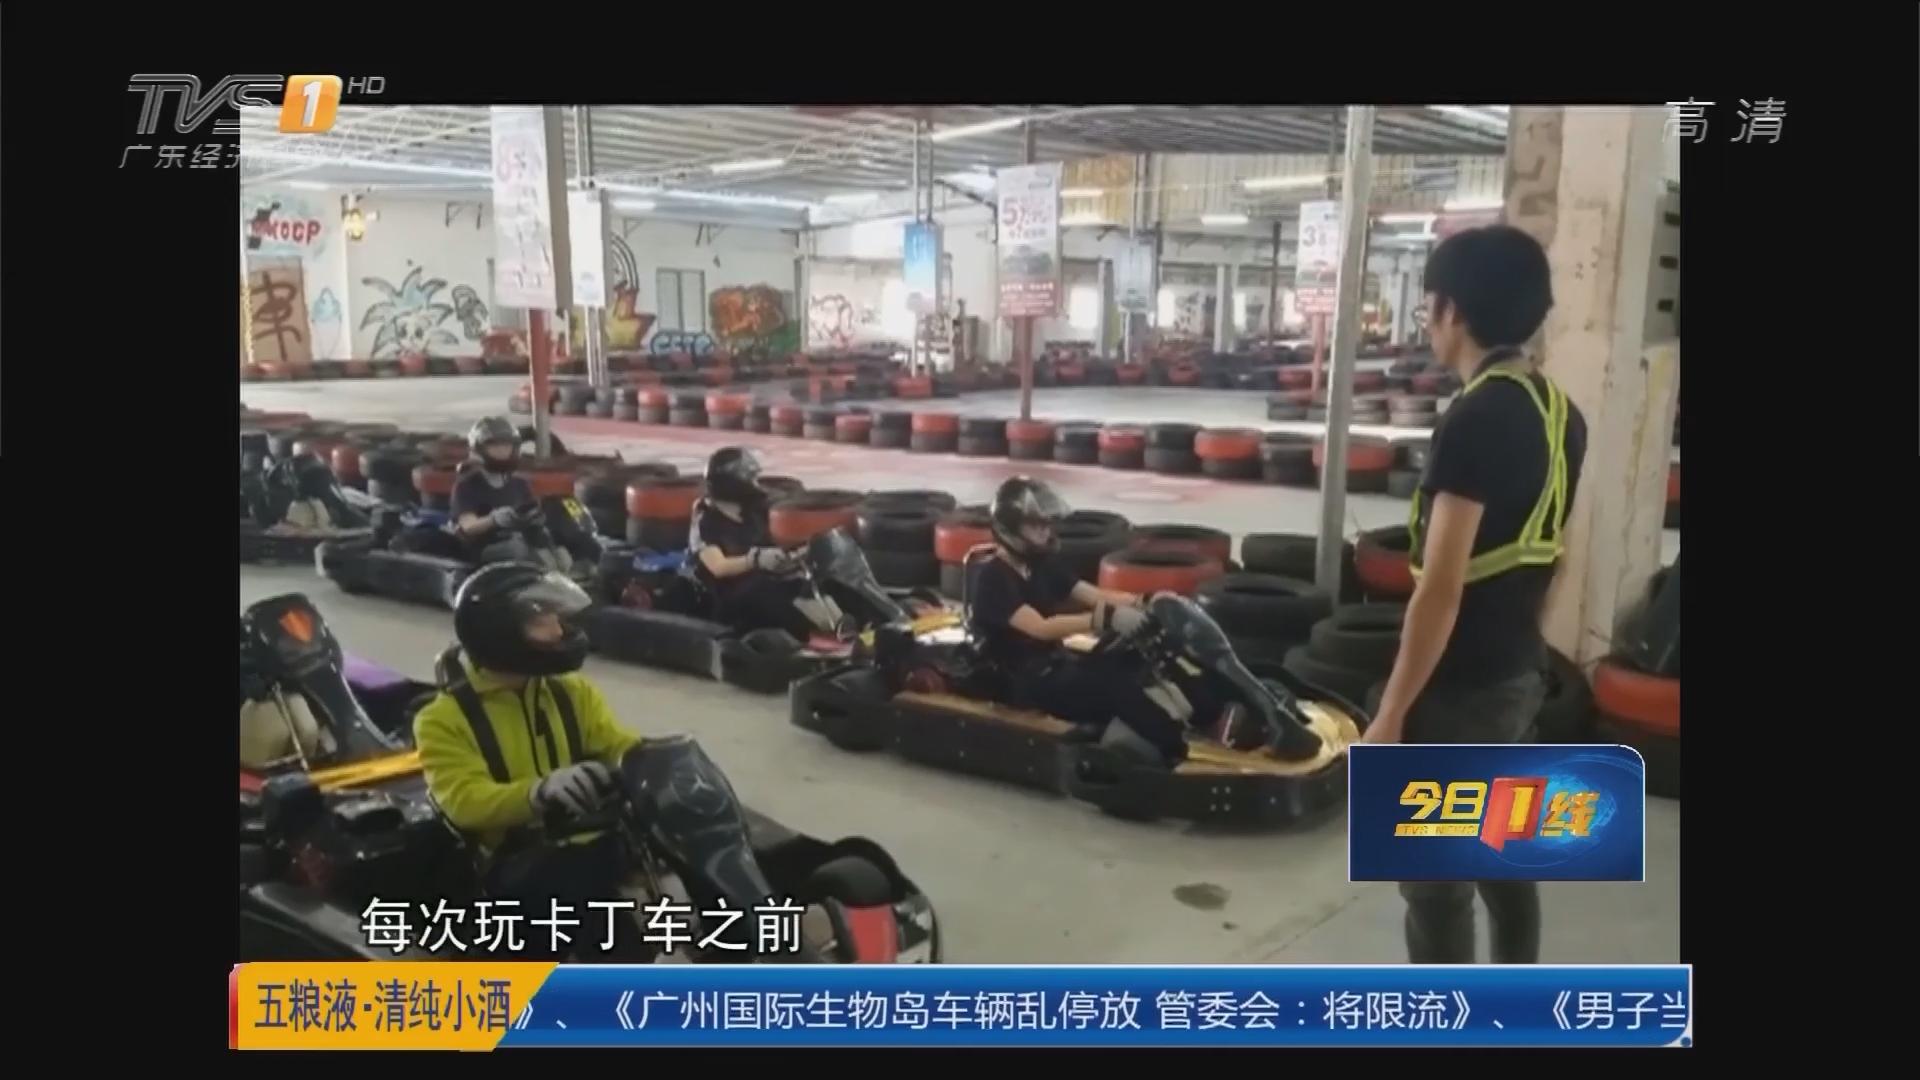 中山:少女玩卡丁车毁容 风险不容忽视